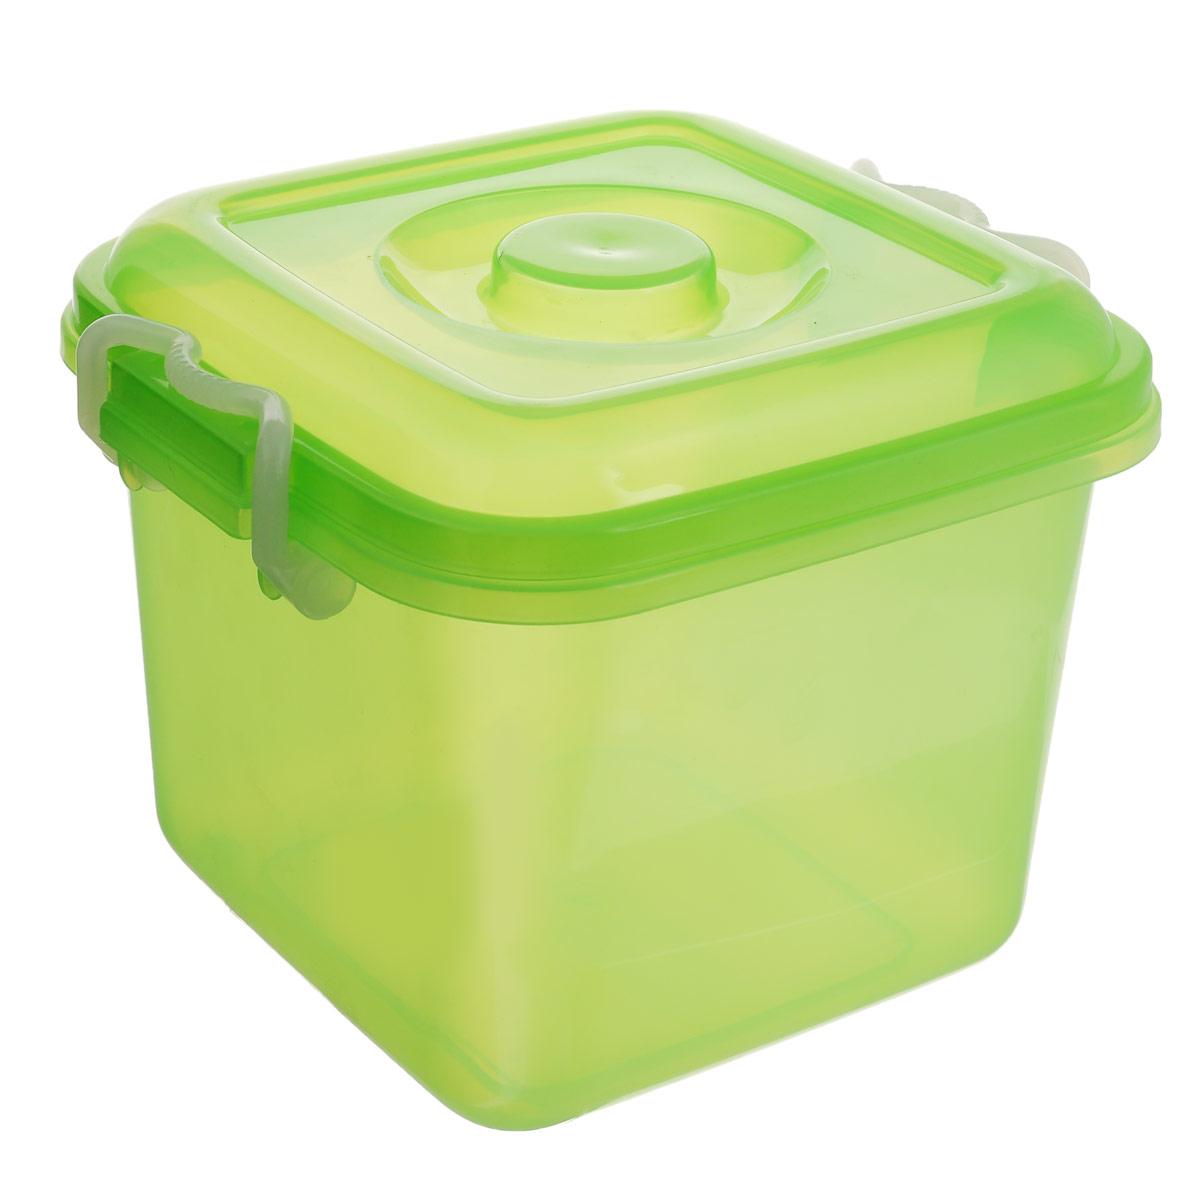 Контейнер для хранения Idea Океаник, цвет: зеленый, 8 лPARIS 75015-8C ANTIQUEКонтейнер Idea Океаник выполнен из пищевого пластика, предназначен для хранения различных вещей.Контейнер снабжен эргономичной плотно закрывающейся крышкой со специальными боковыми фиксаторами.